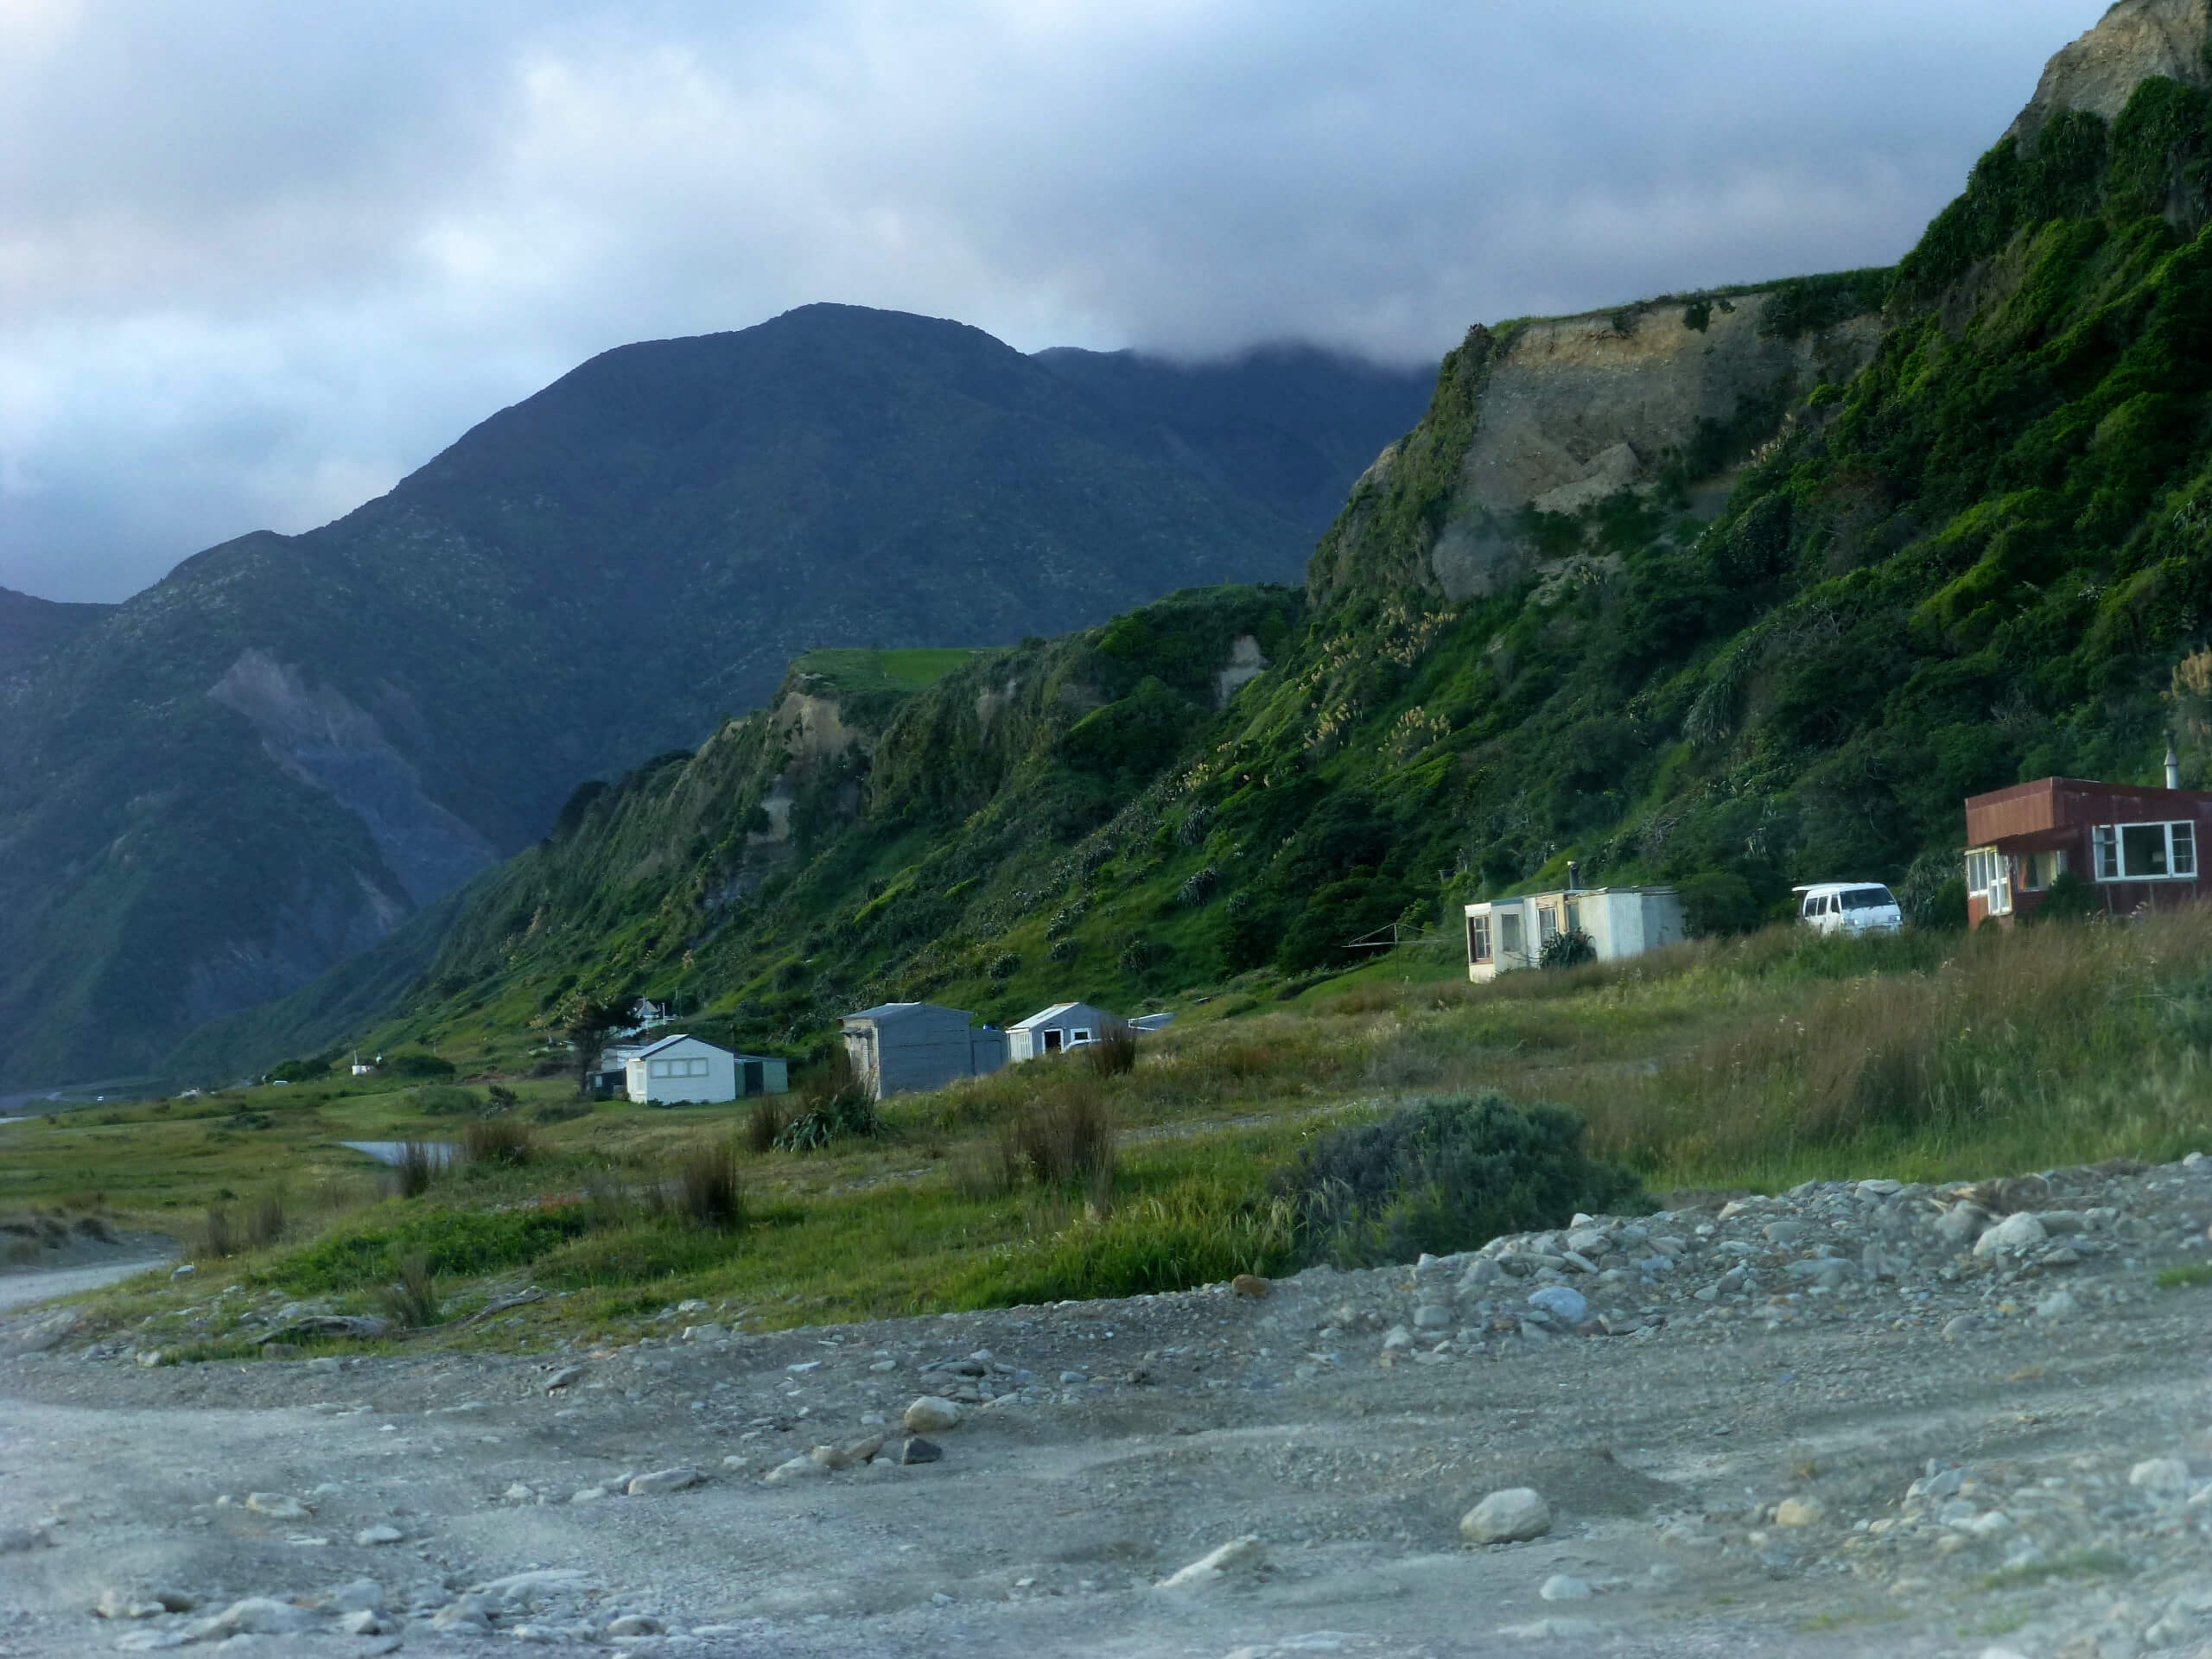 Weit-weg.reisen, Palliser Bay bei Corner Creek 14